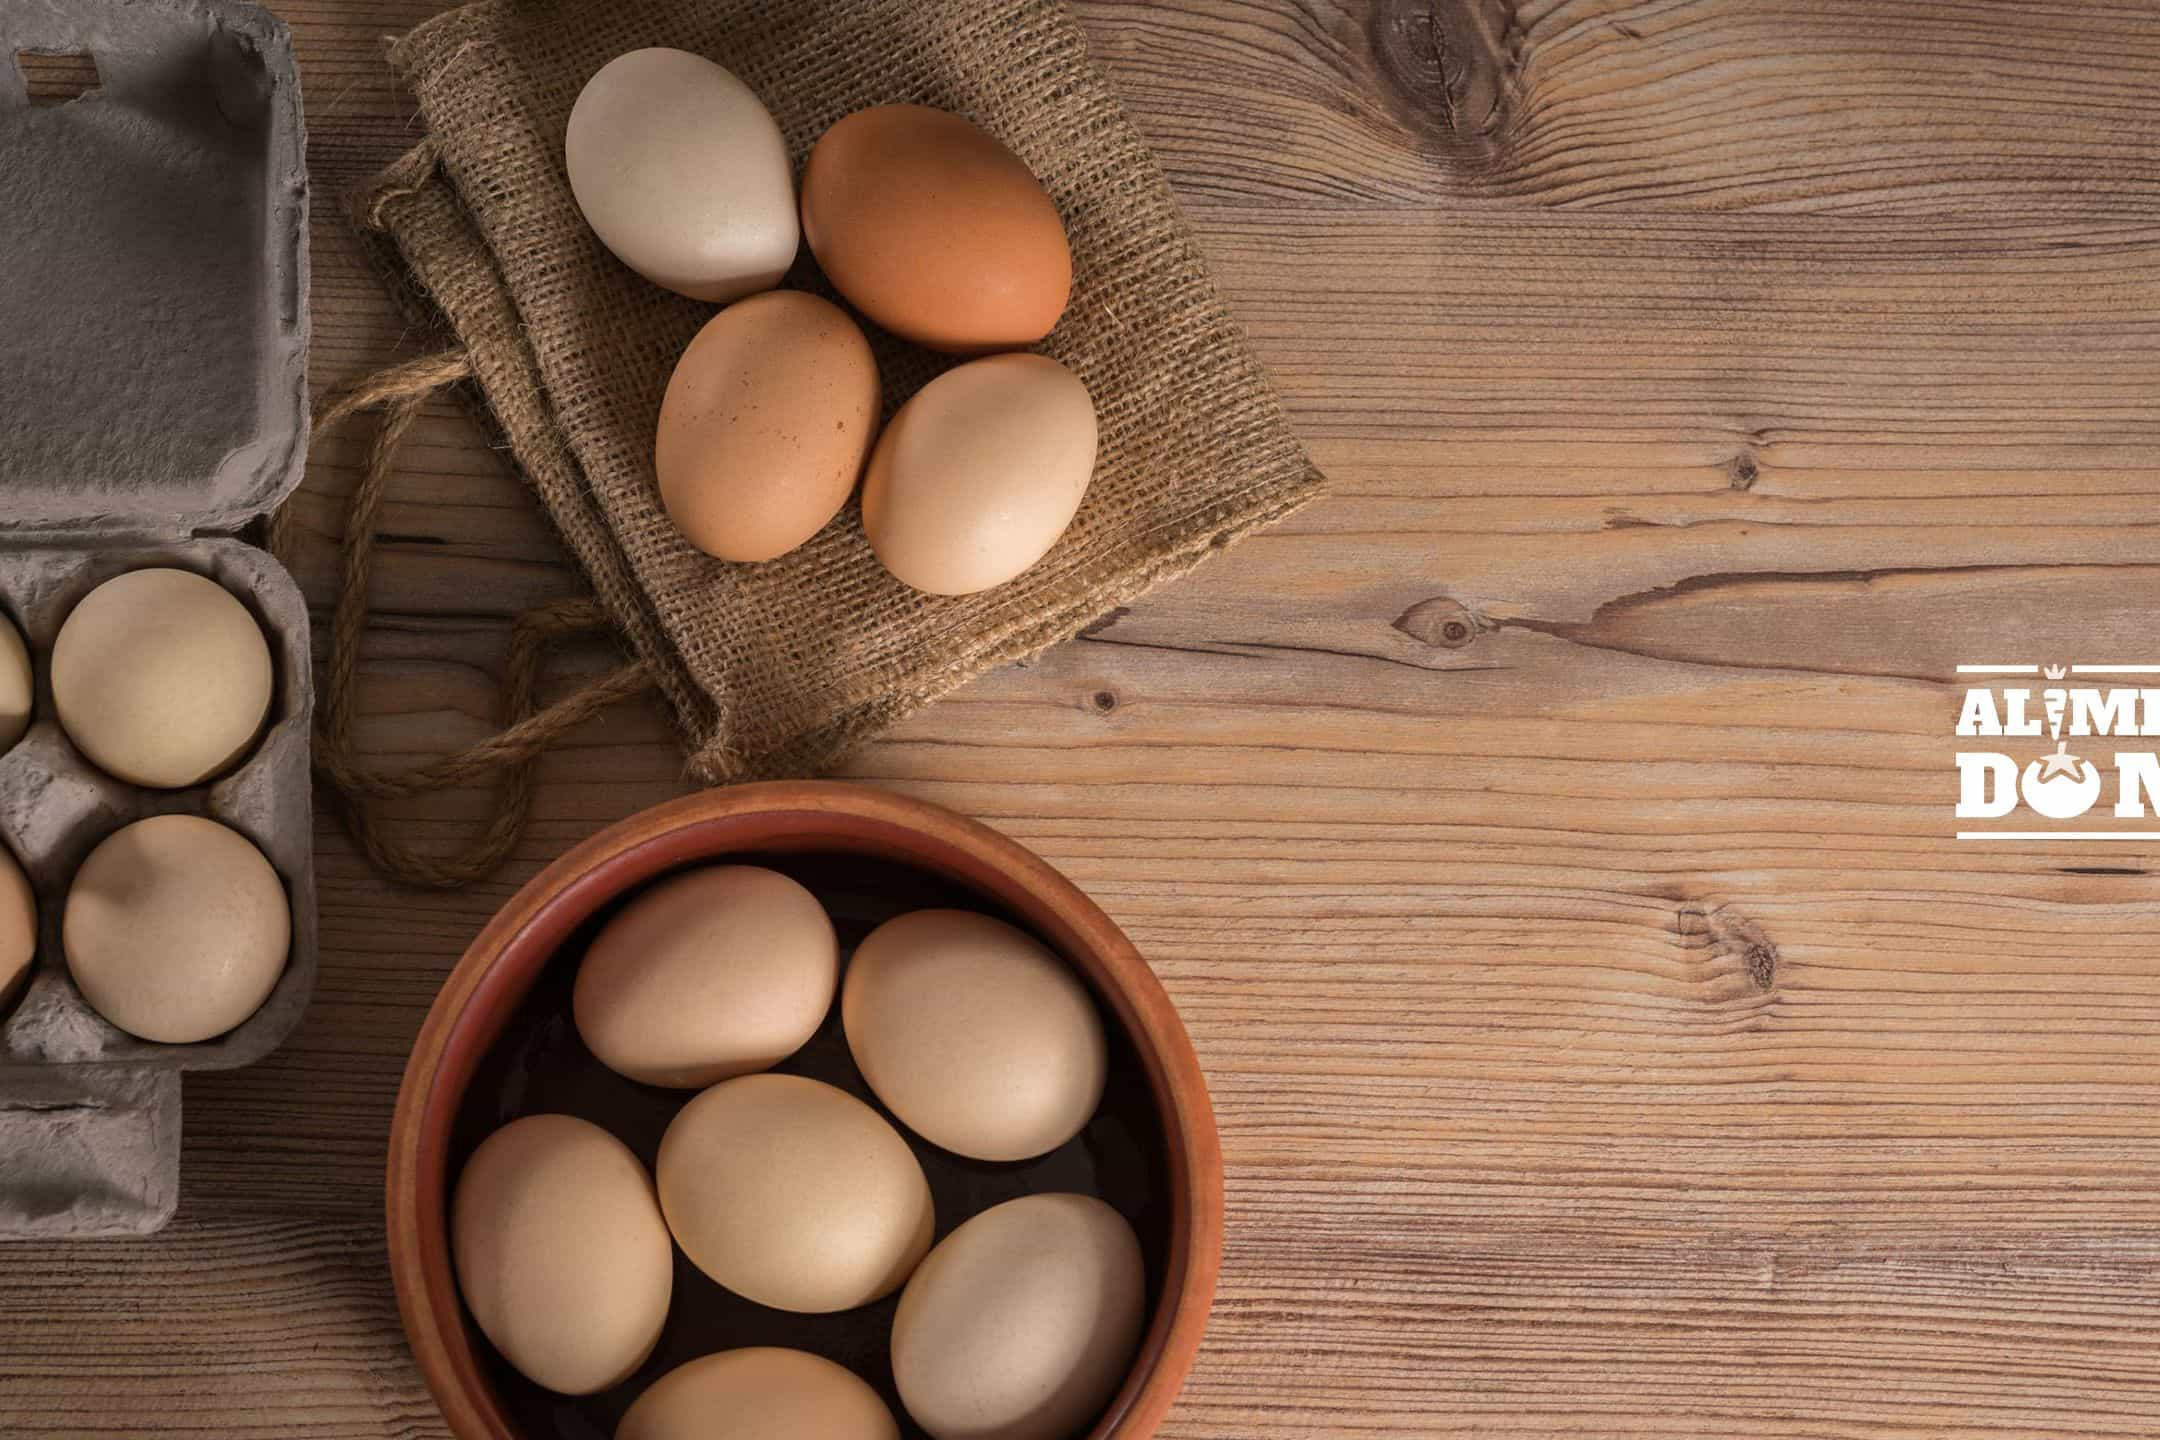 """Será o ovo um """"herói dos desportistas"""" ou o """"vilão do colesterol""""?"""